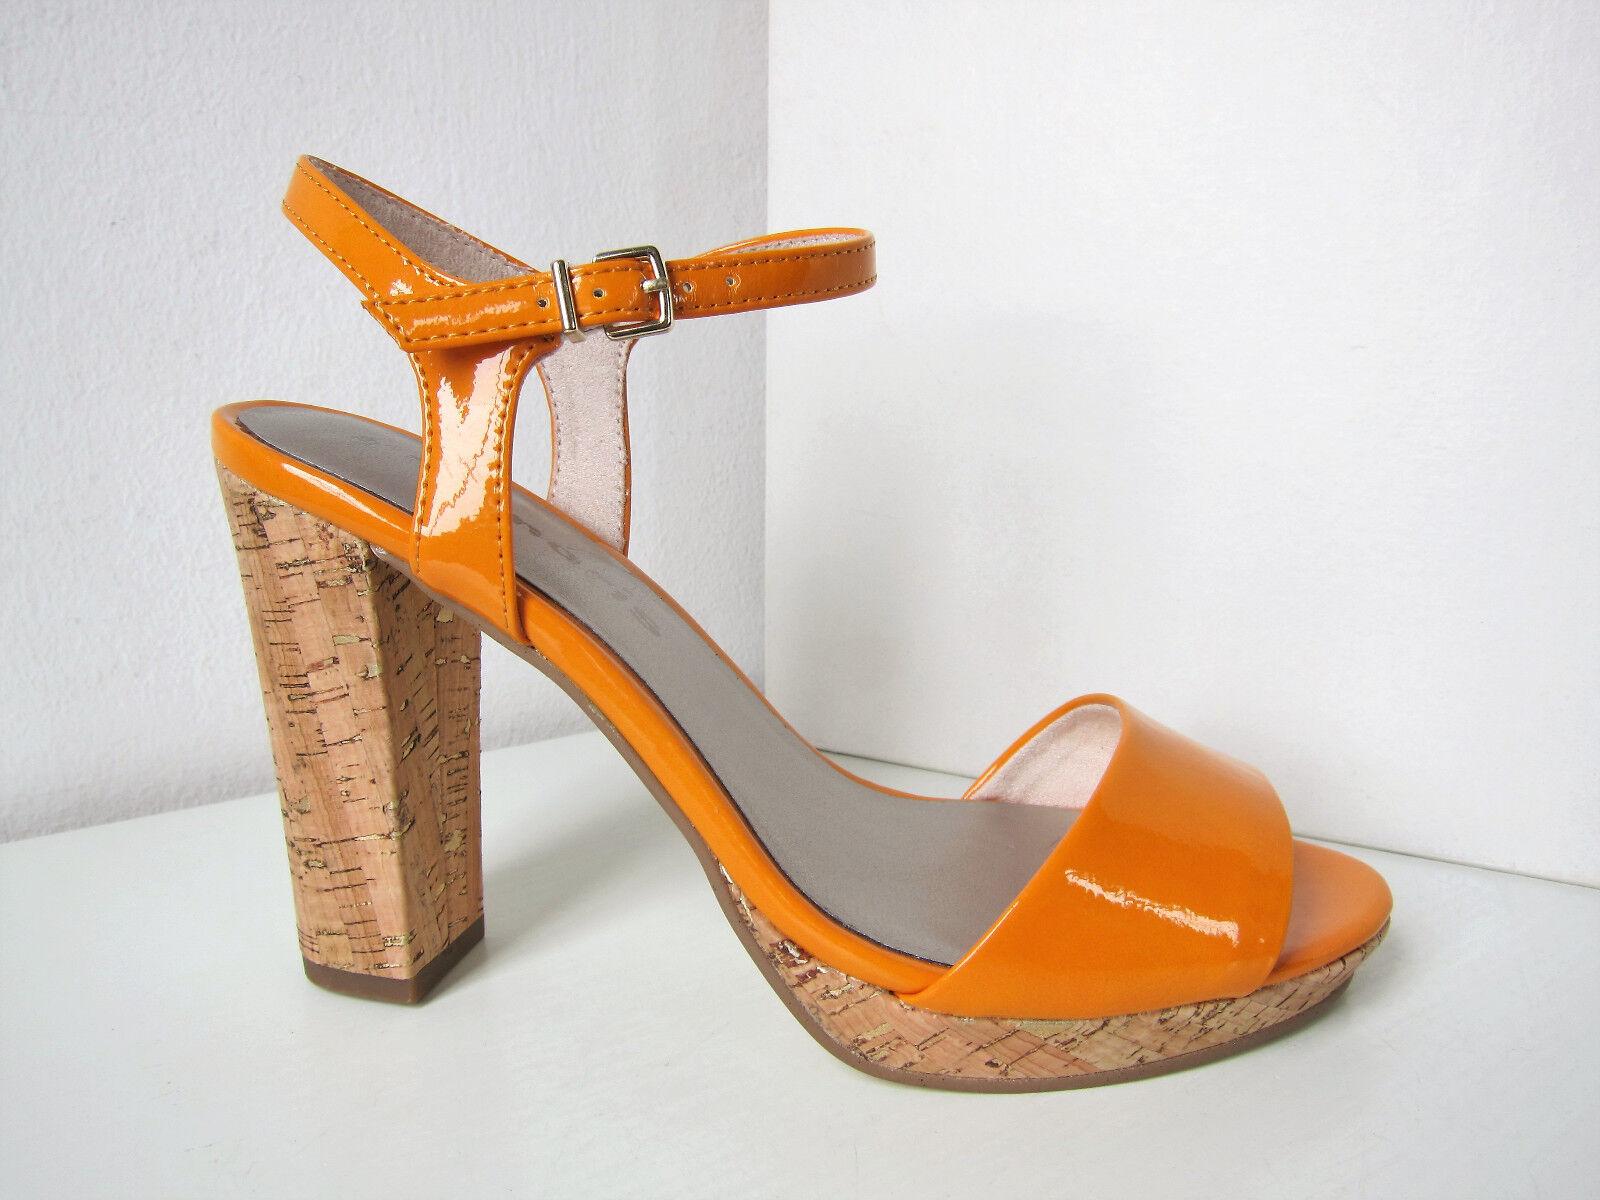 Tamaris Lack Riemchen Pumps orange Gr. 36 Sandale Pumps Sandalette Patent Myggia